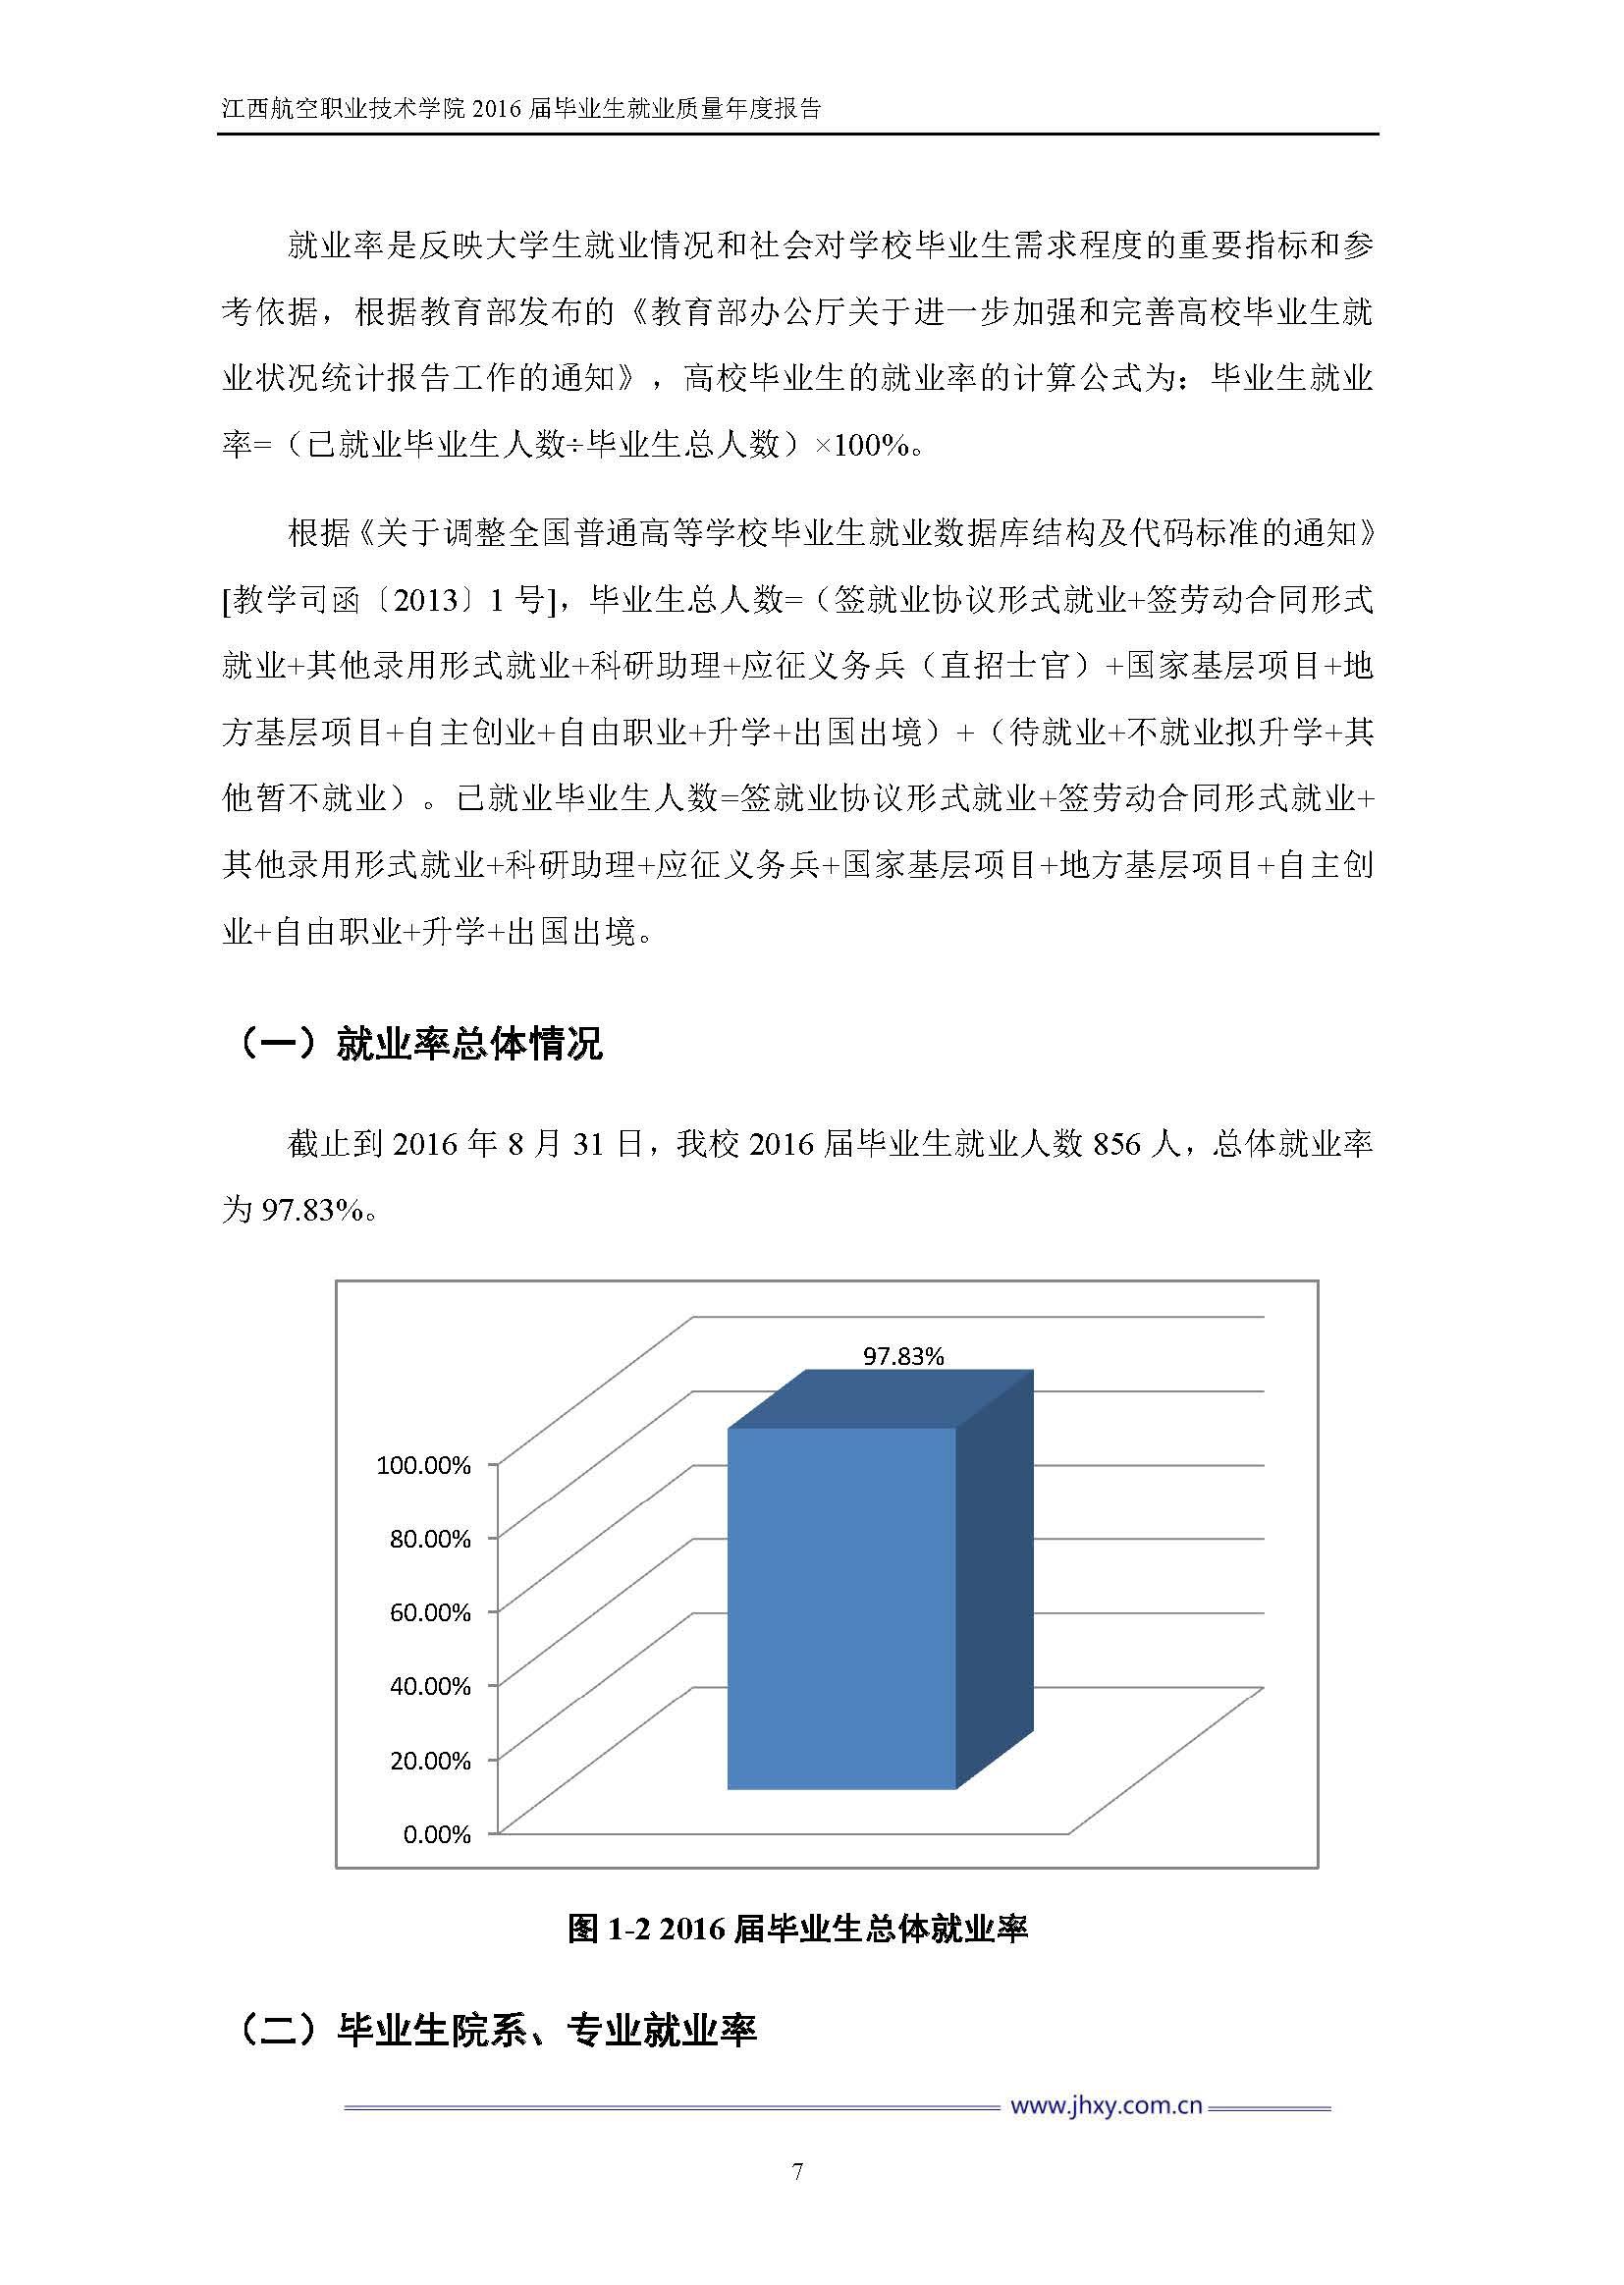 江西航空职业技术学院2016届毕业生就业质量年度报告_Page_14.jpg